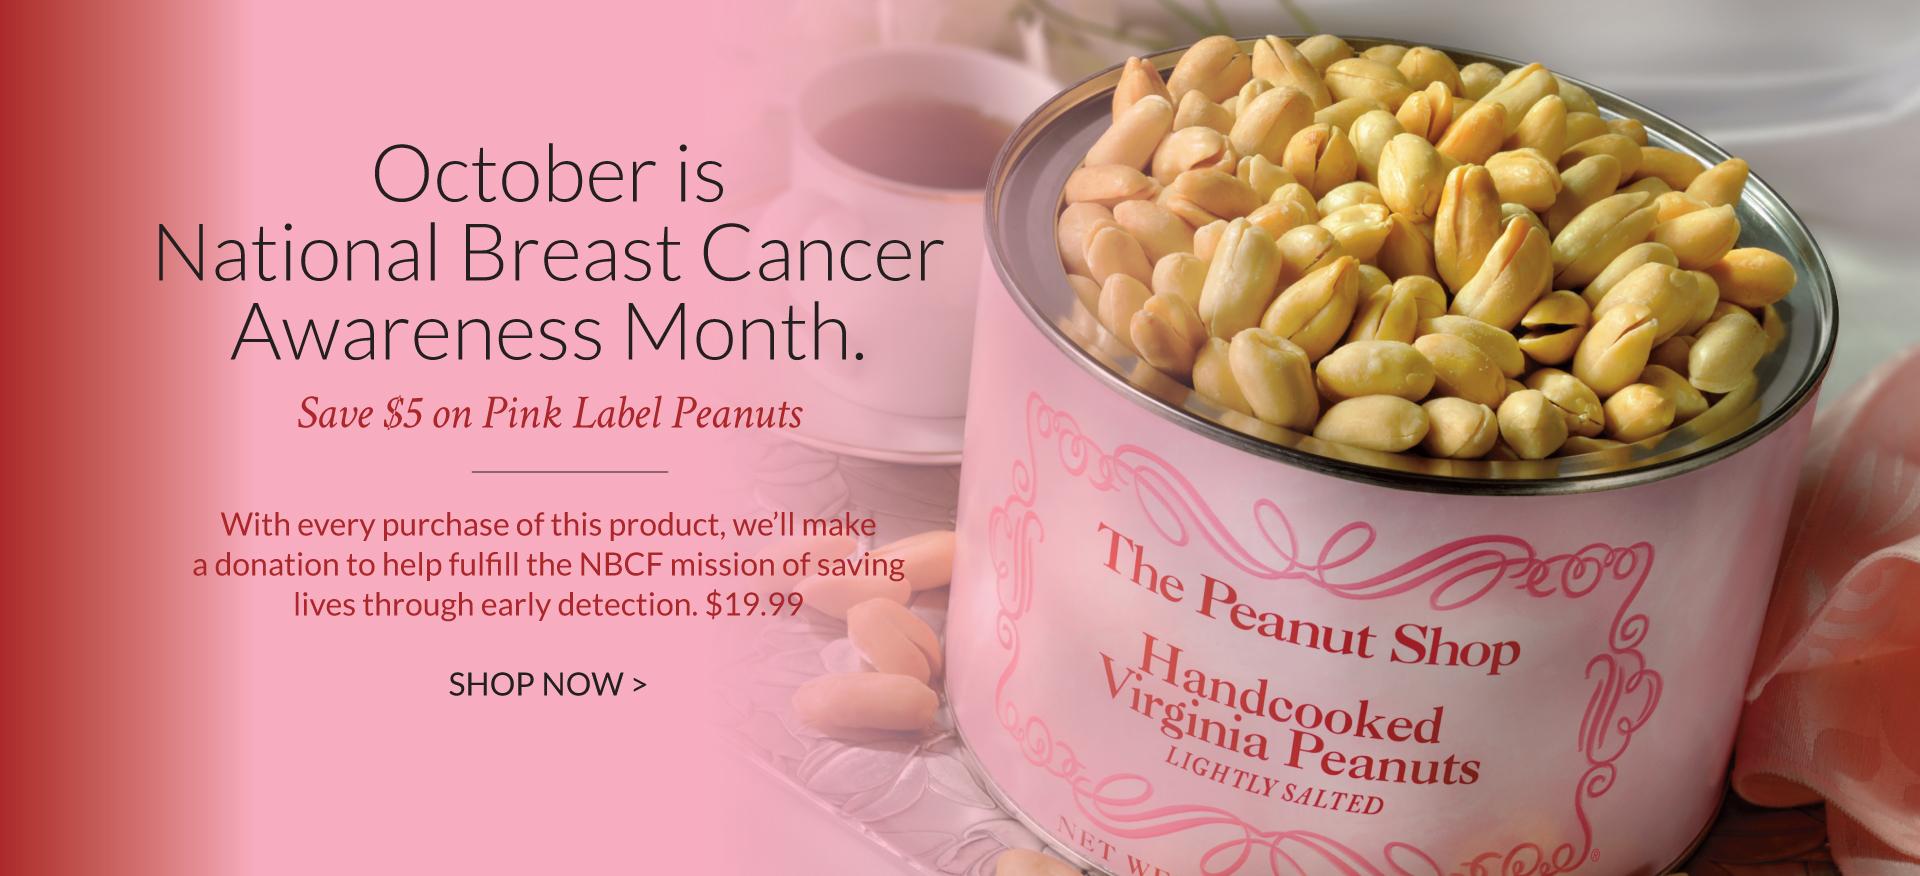 Pink Label Peanuts